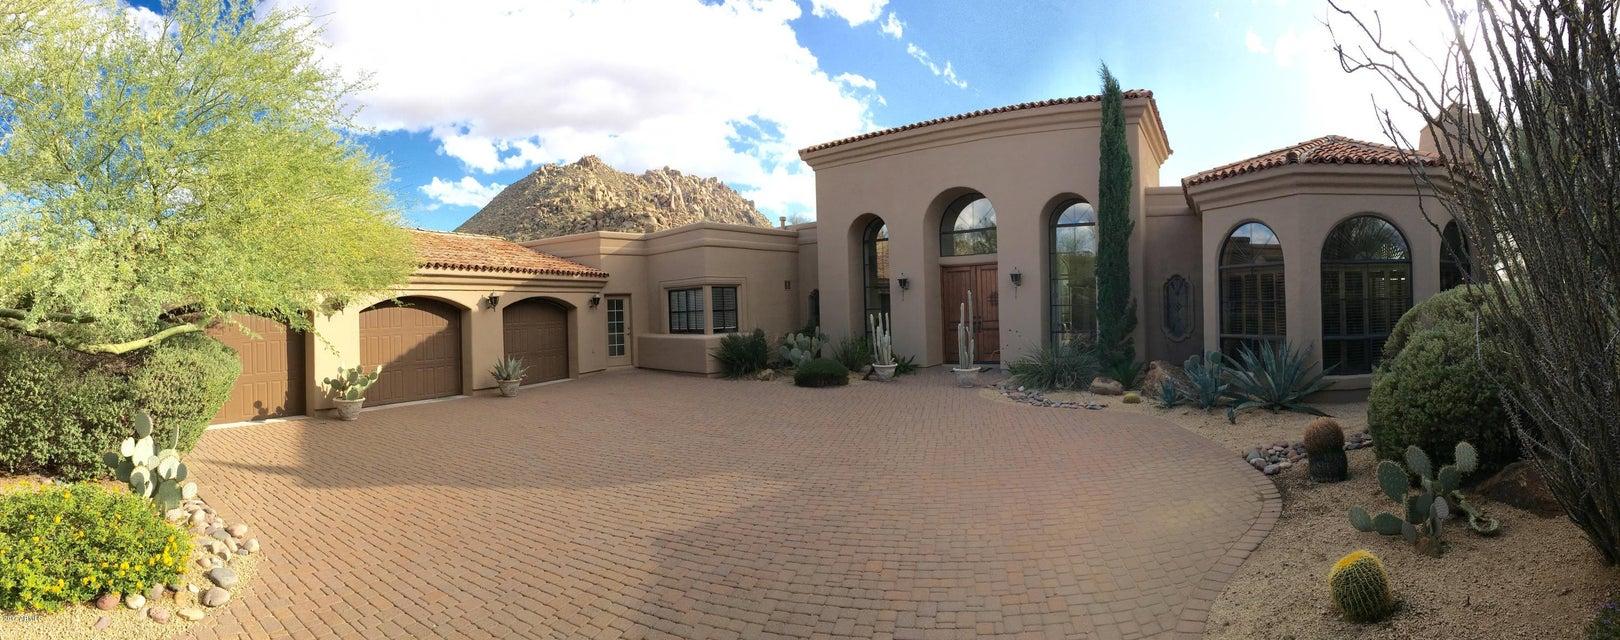 26550 N 108TH Way, Scottsdale, AZ 85255